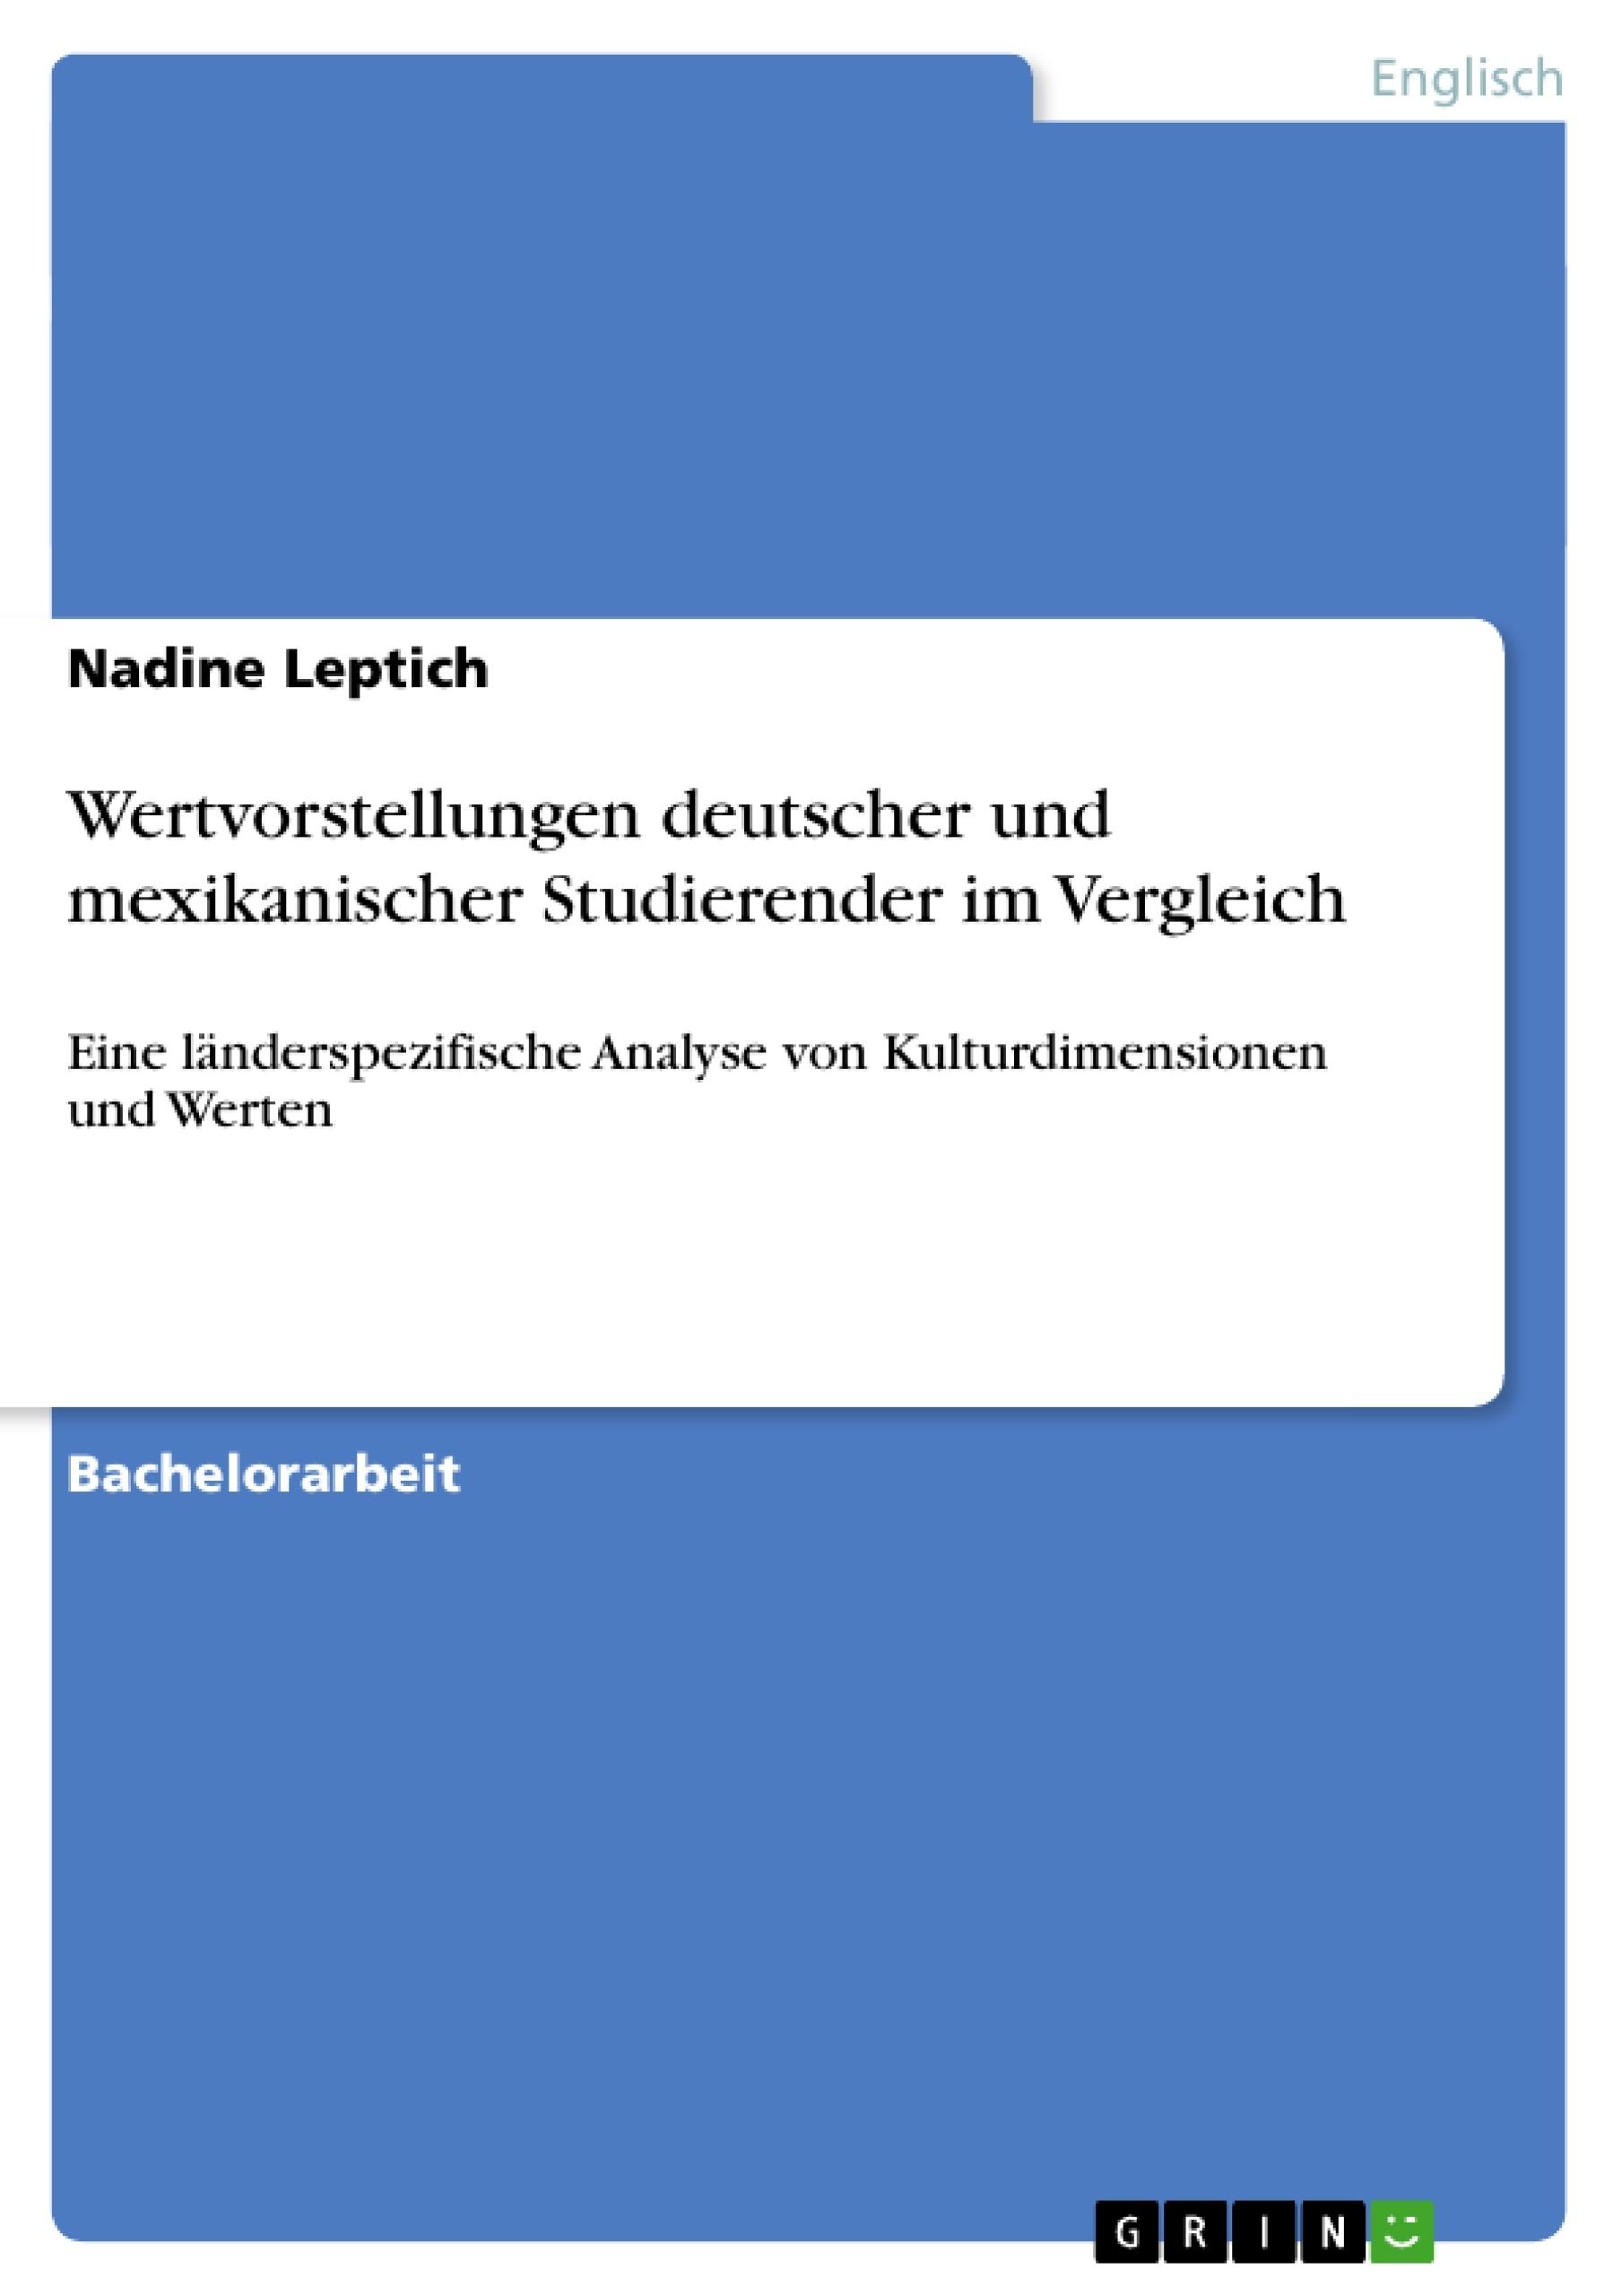 Titel: Wertvorstellungen deutscher und mexikanischer Studierender im Vergleich